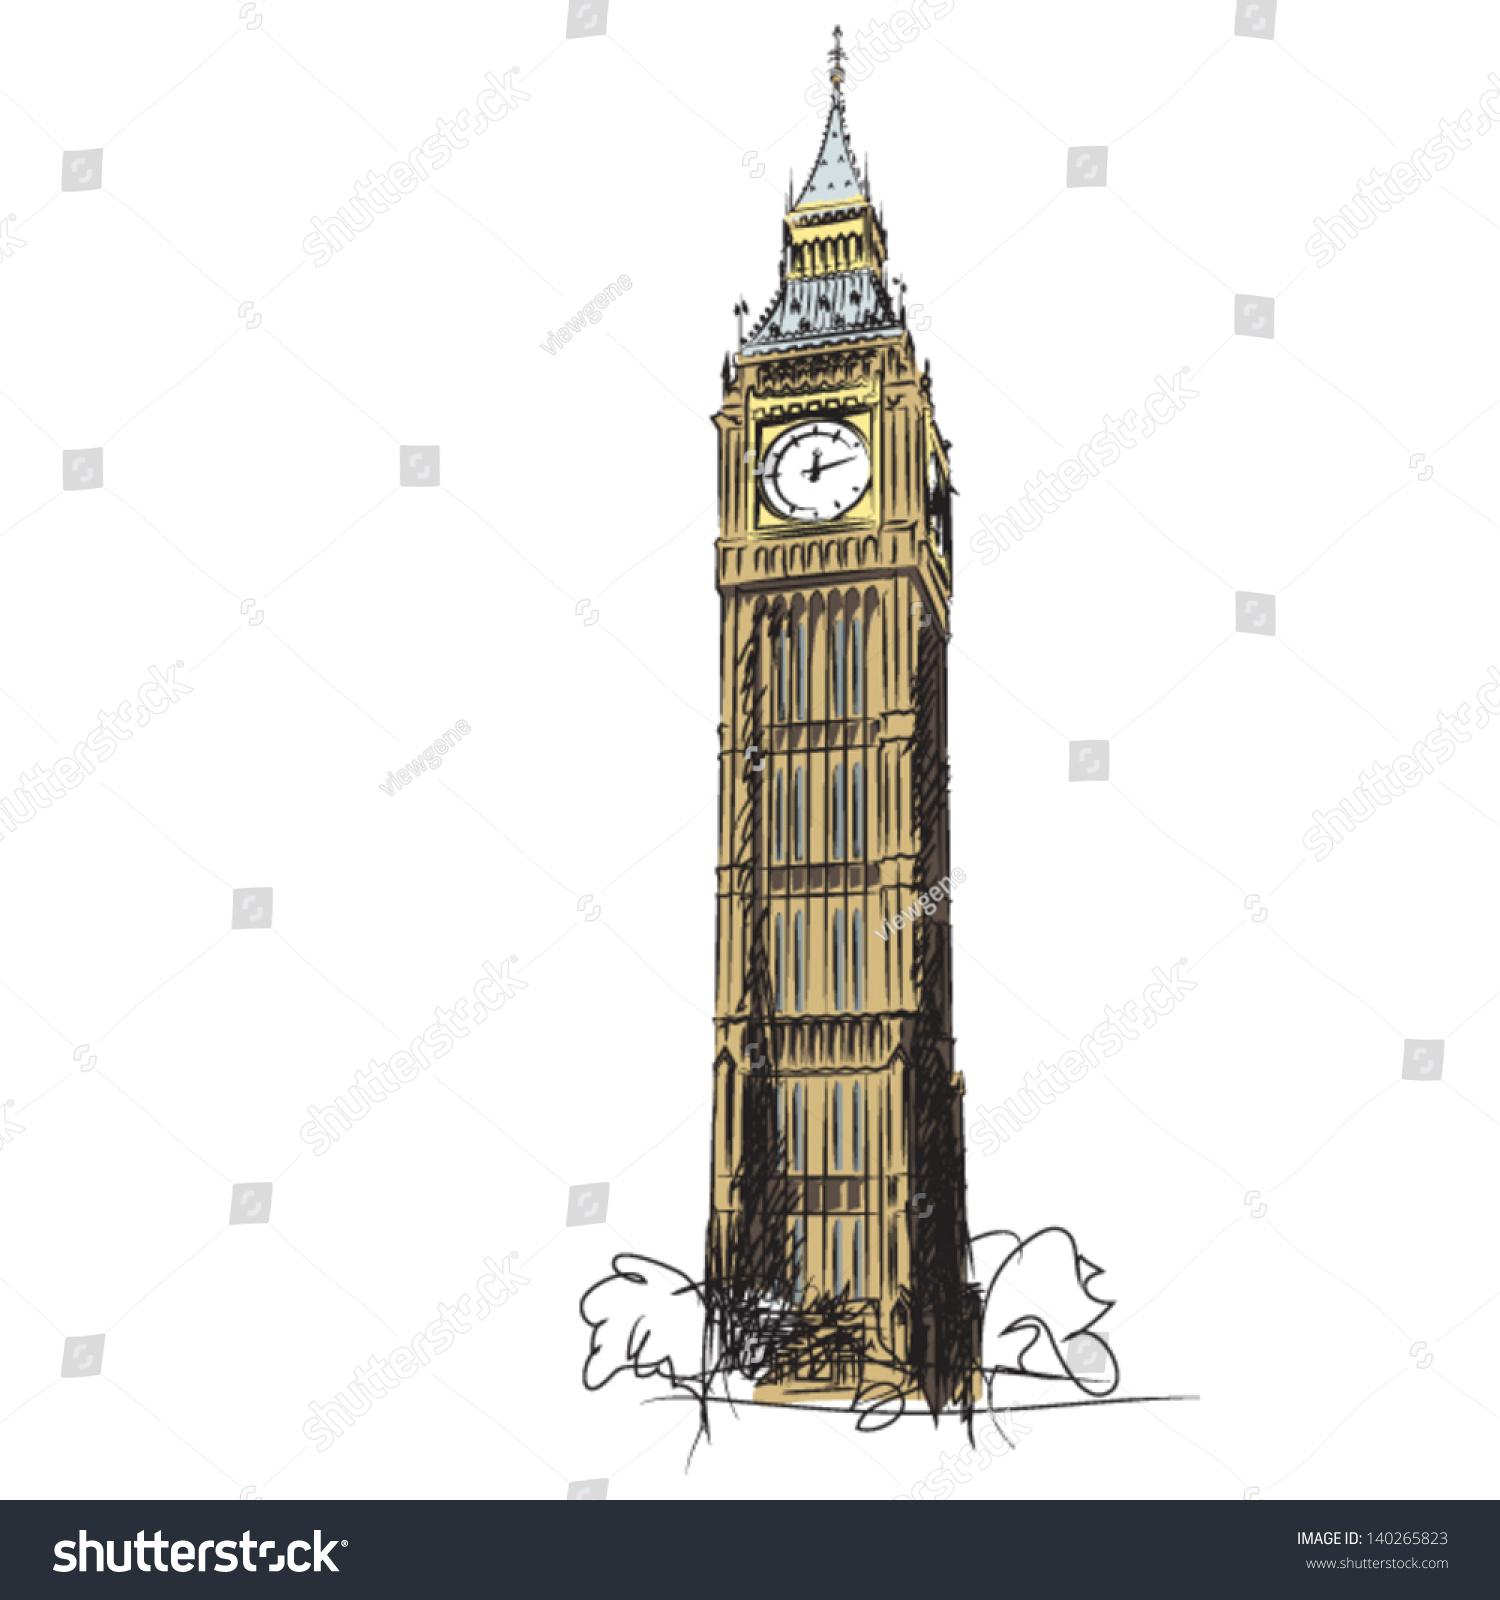 London Clock Drawing